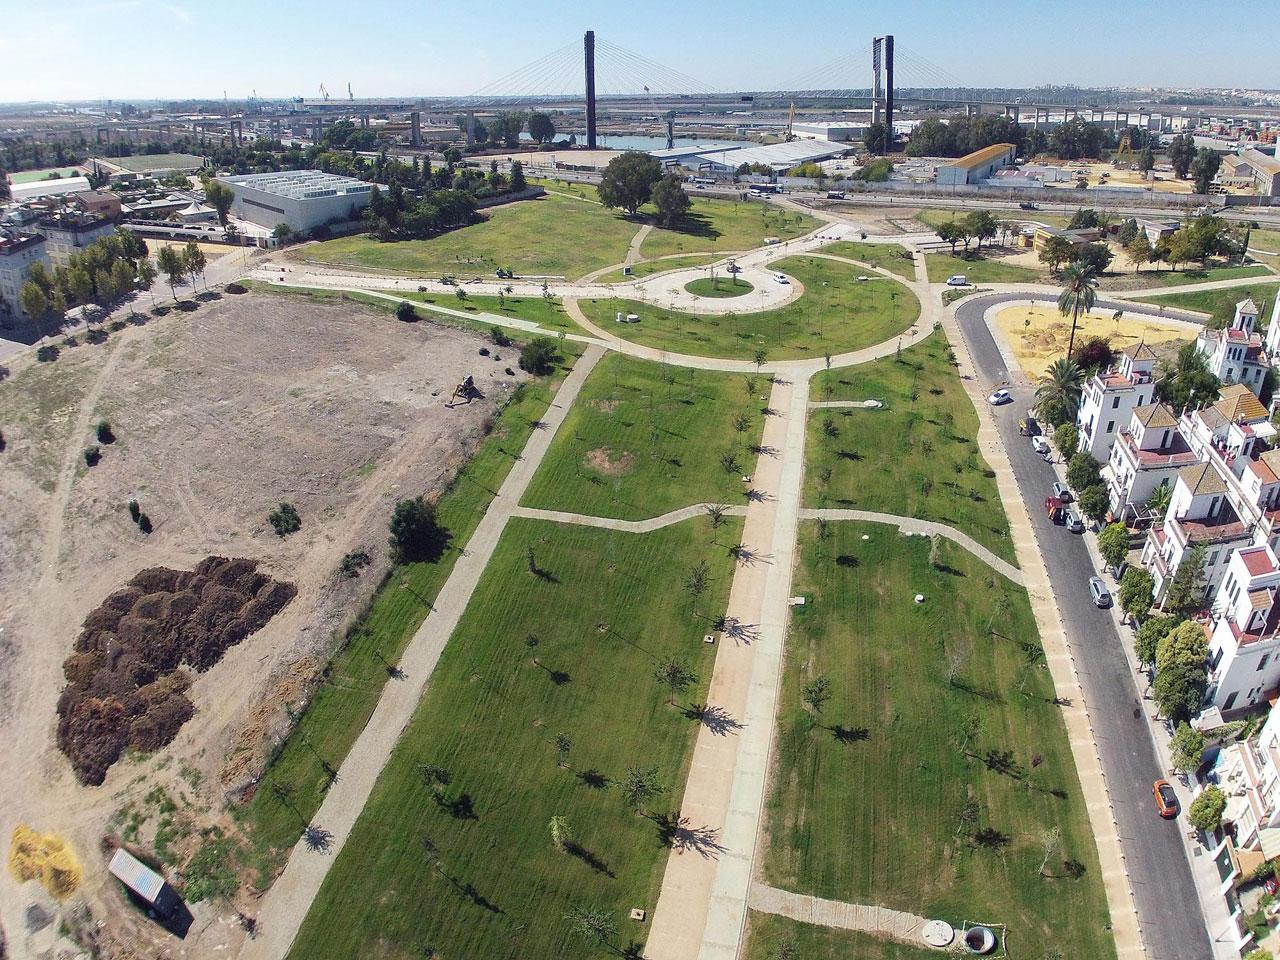 Obras accesorias de adecuación del parque sobre el antiguo cauce del río Guadaíra. T.M. Sevilla